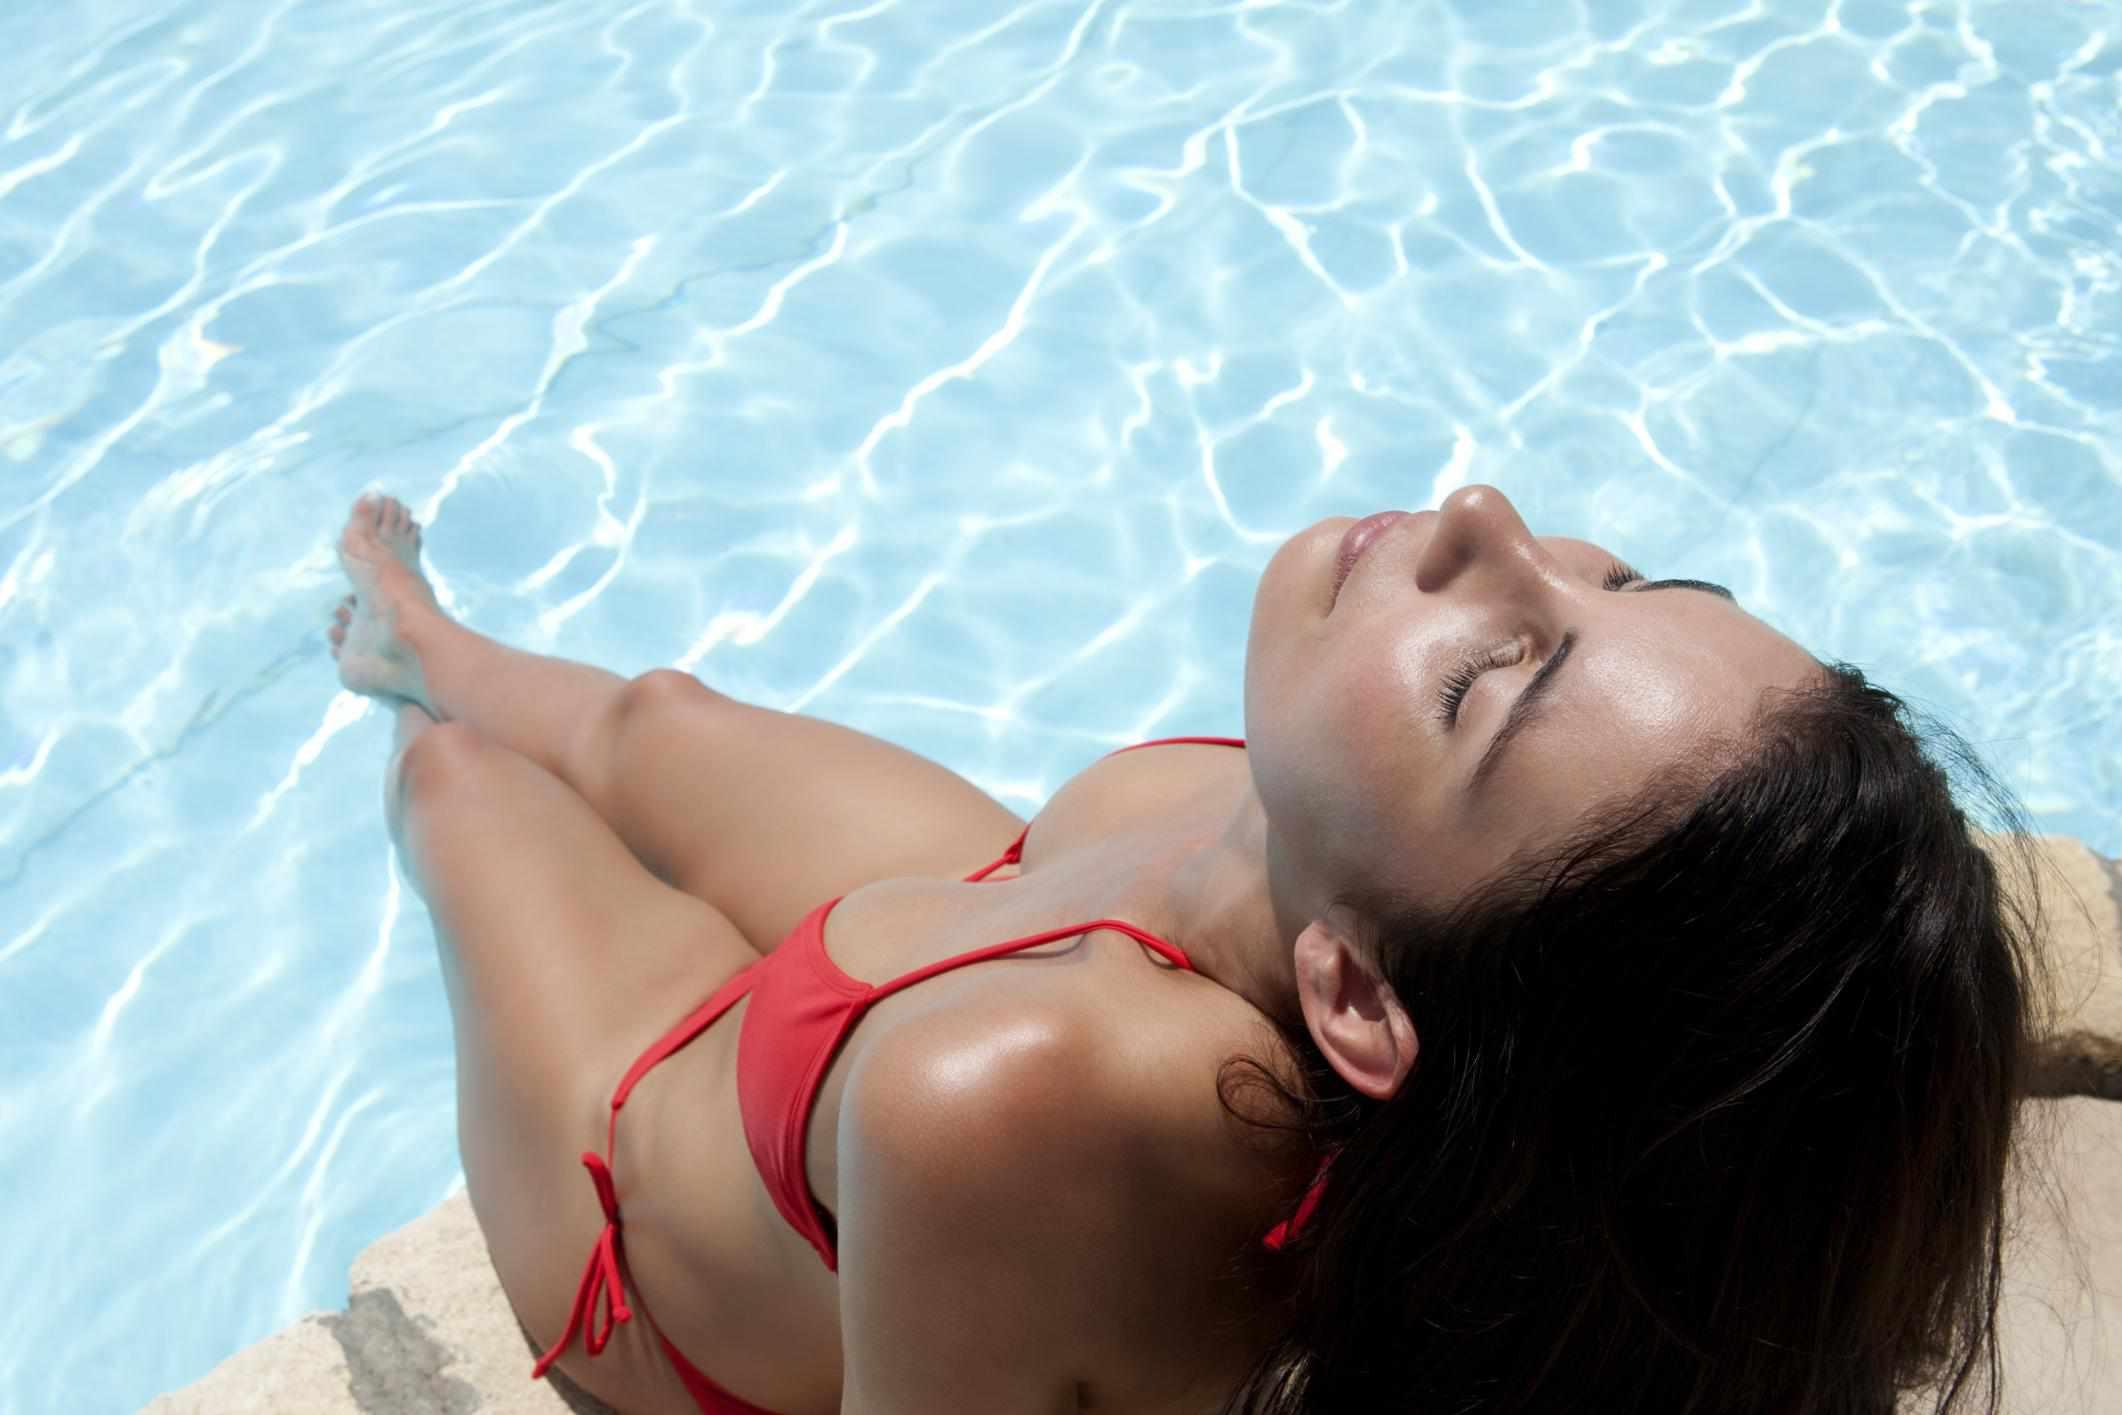 Young woman in bikini relaxing near pool